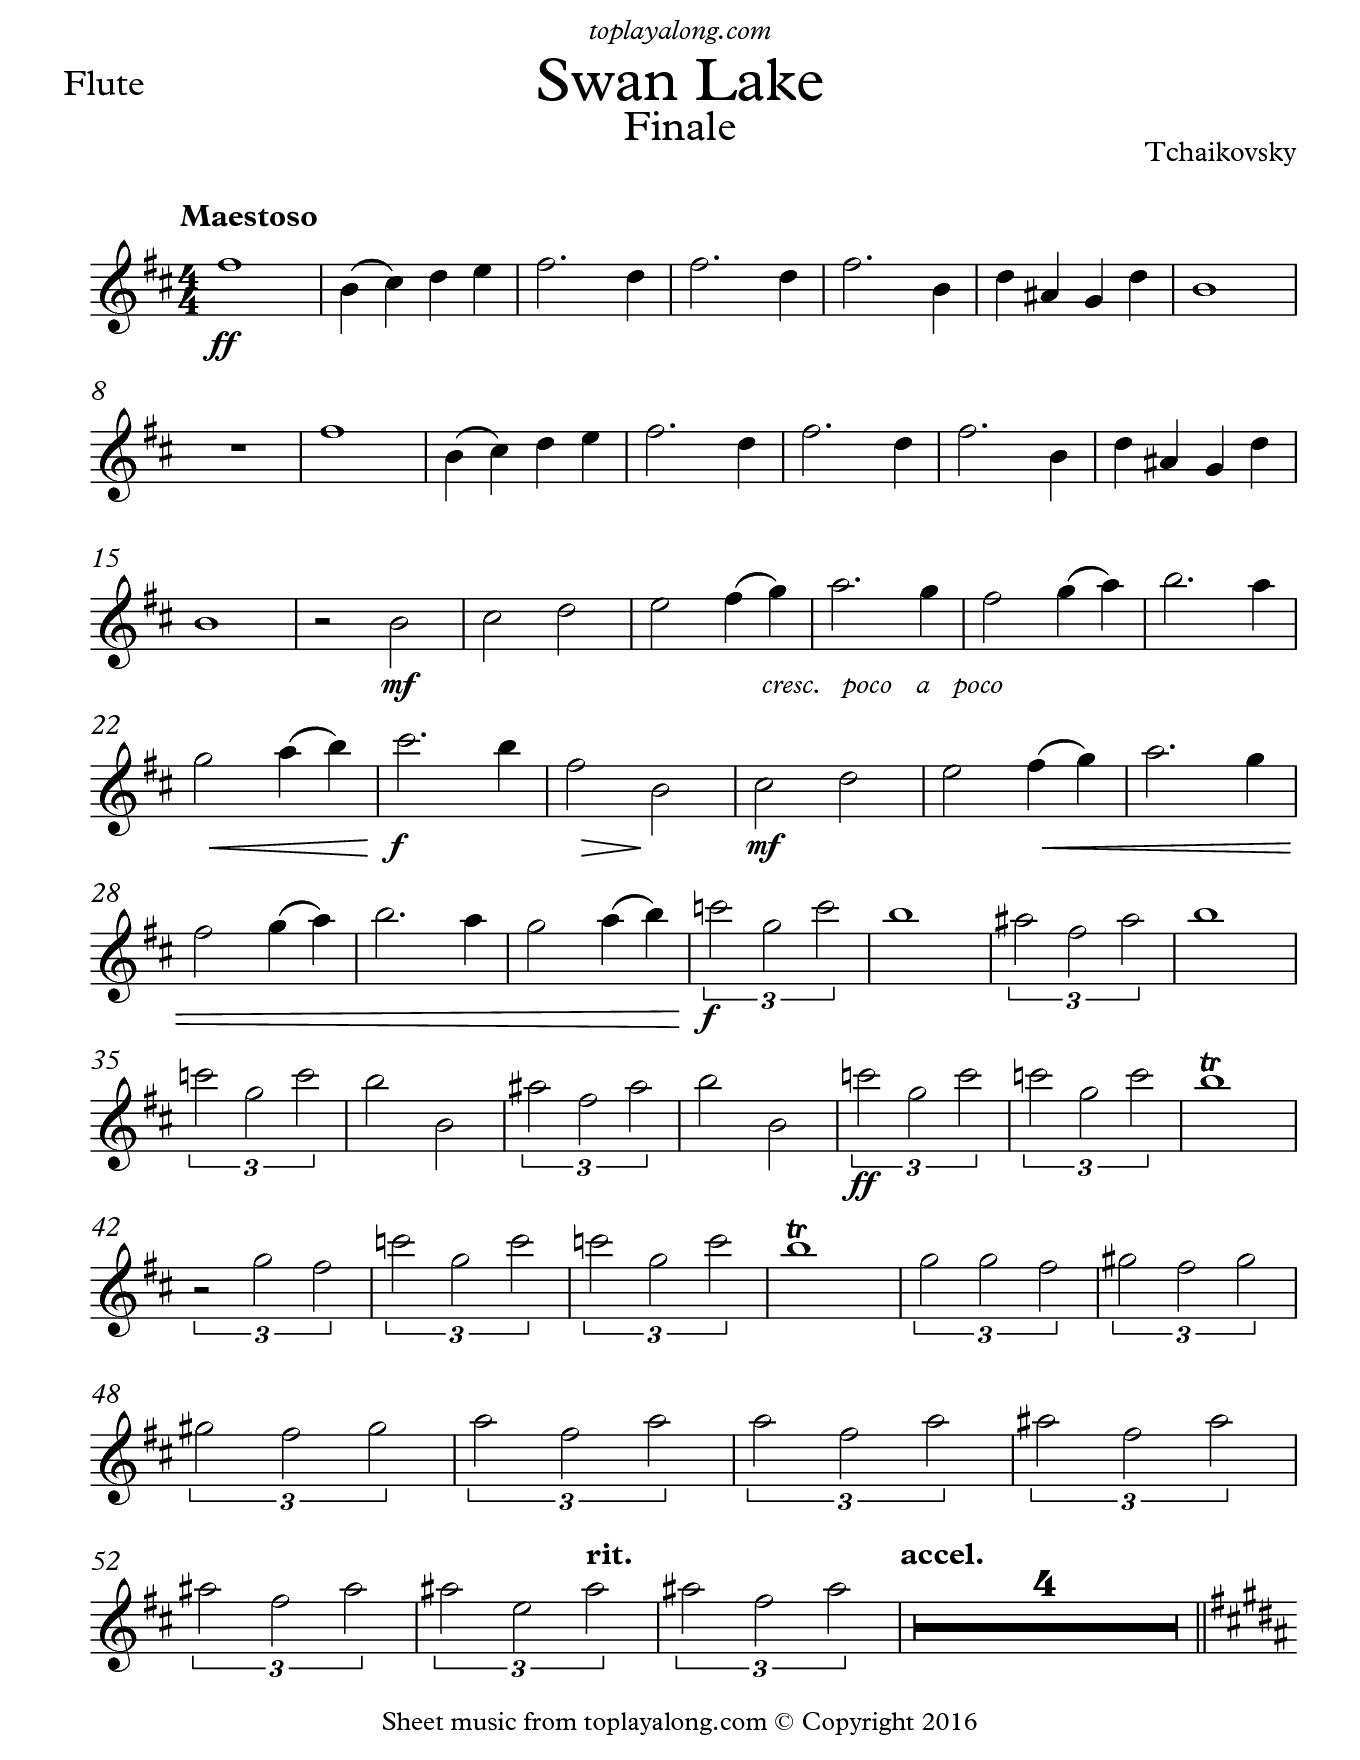 Swan Lake Finale – Toplayalong - Free Printable Flute Sheet Music